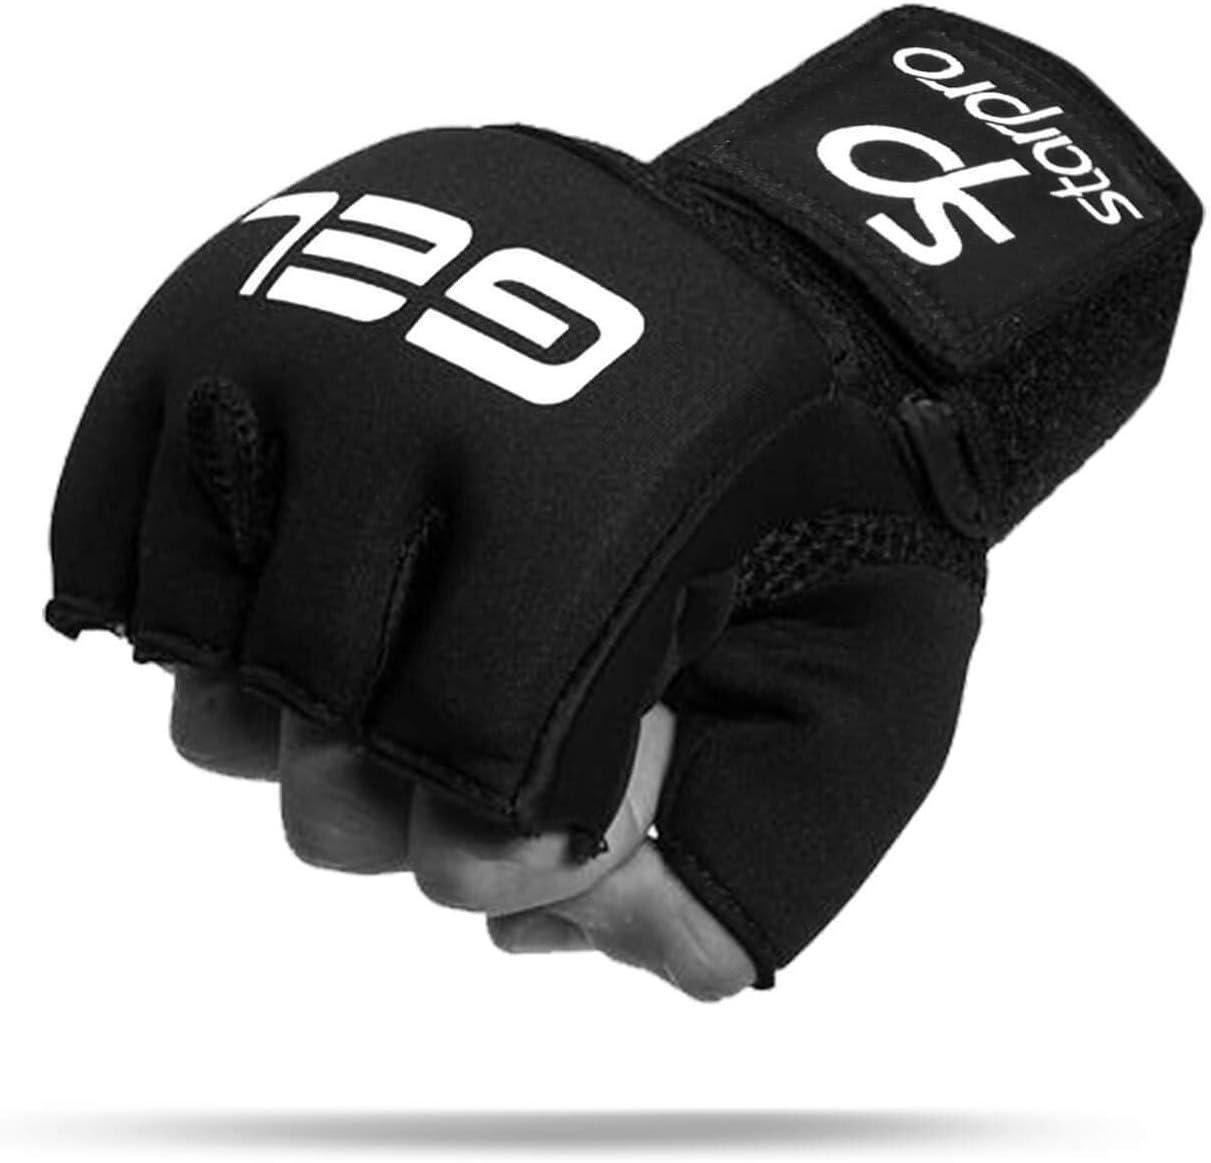 Gel de Boxe Gants int/érieurs Enveloppements /à la Main MMA Bandages Muay Thai Training sous Gants Prot/ège Poignet dentrainement Sparring Arts Martiaux Noir Hand Wraps Starpro Bandes Boxe Int/érieurs